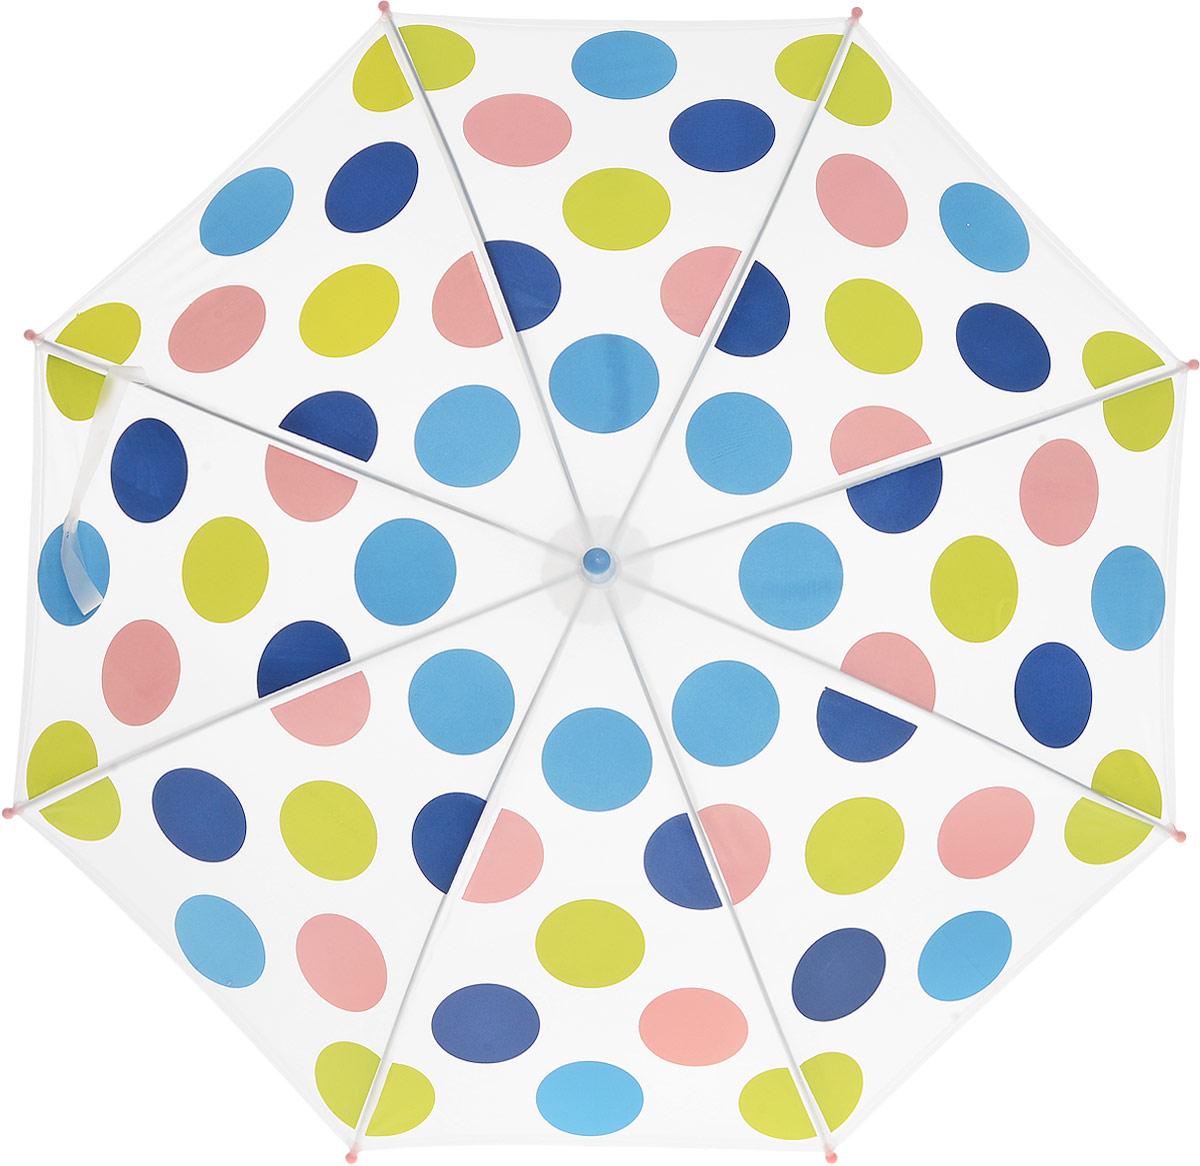 Зонт для девочки PlayToday, цвет: белый, синий, голубой, розовый, салатовый. 178702. Размер 41.5W0A53US01Этот зонтик обязательно понравится Вашему ребенку! Оснащен специальной безопасной системой открывания и закрывания. Материал каркаса ветроустойчивый. Концы спиц снабжены пластмассовыми наконечниками для защиты от травм. Такой зонт идеально подойдет для прогулок в дождливую погоду.